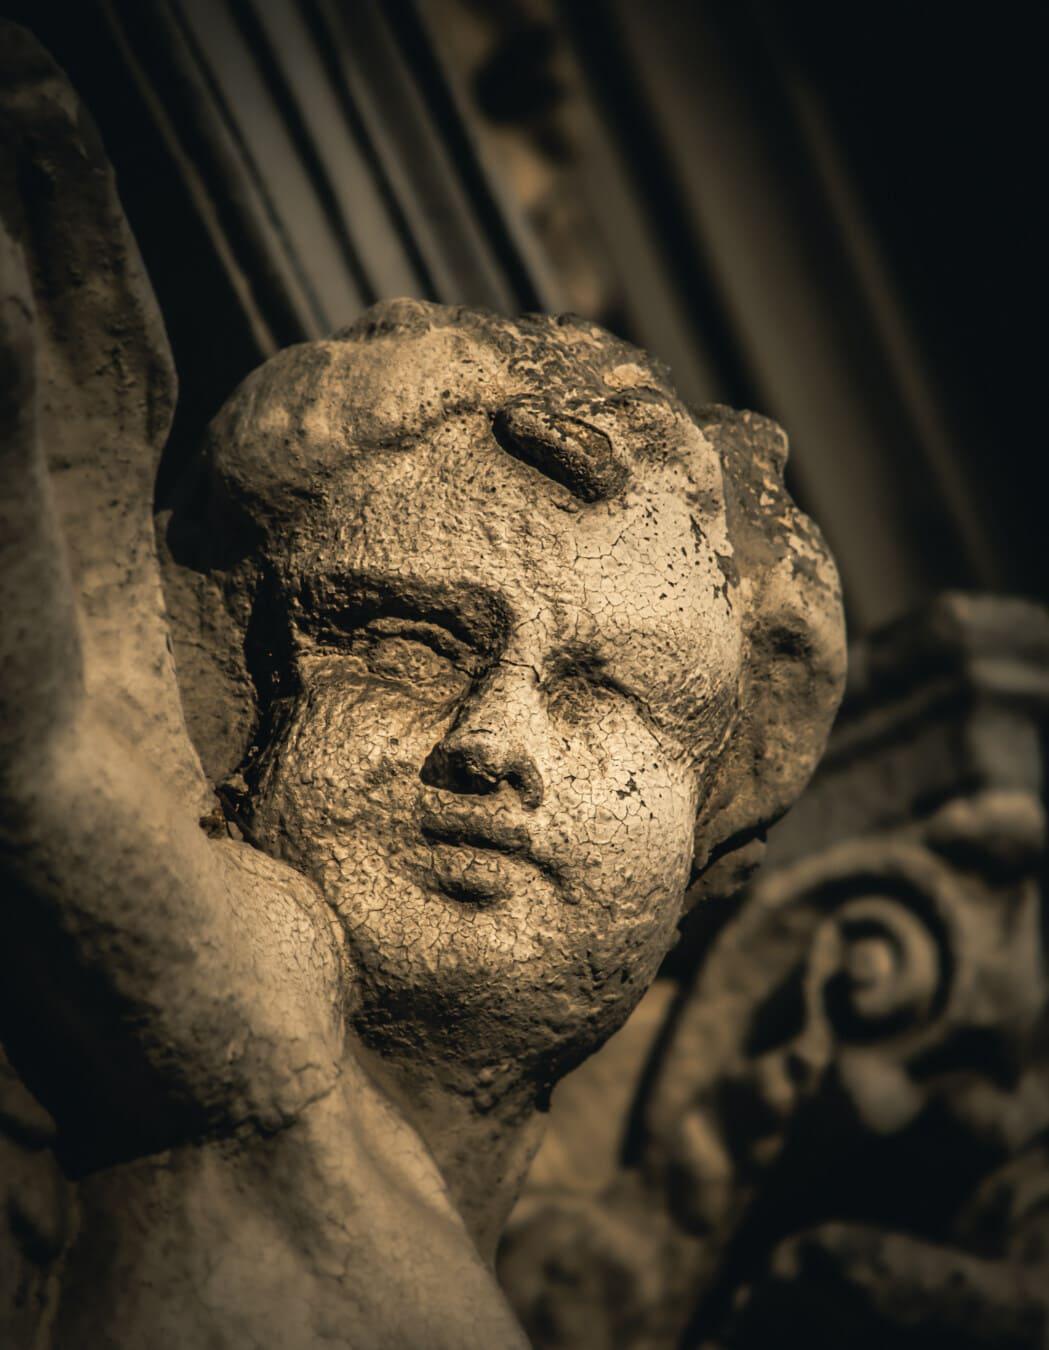 melek, heykel, Çocuk, çürüme, taş, tek renkli, heykel, portre, sanat, eski